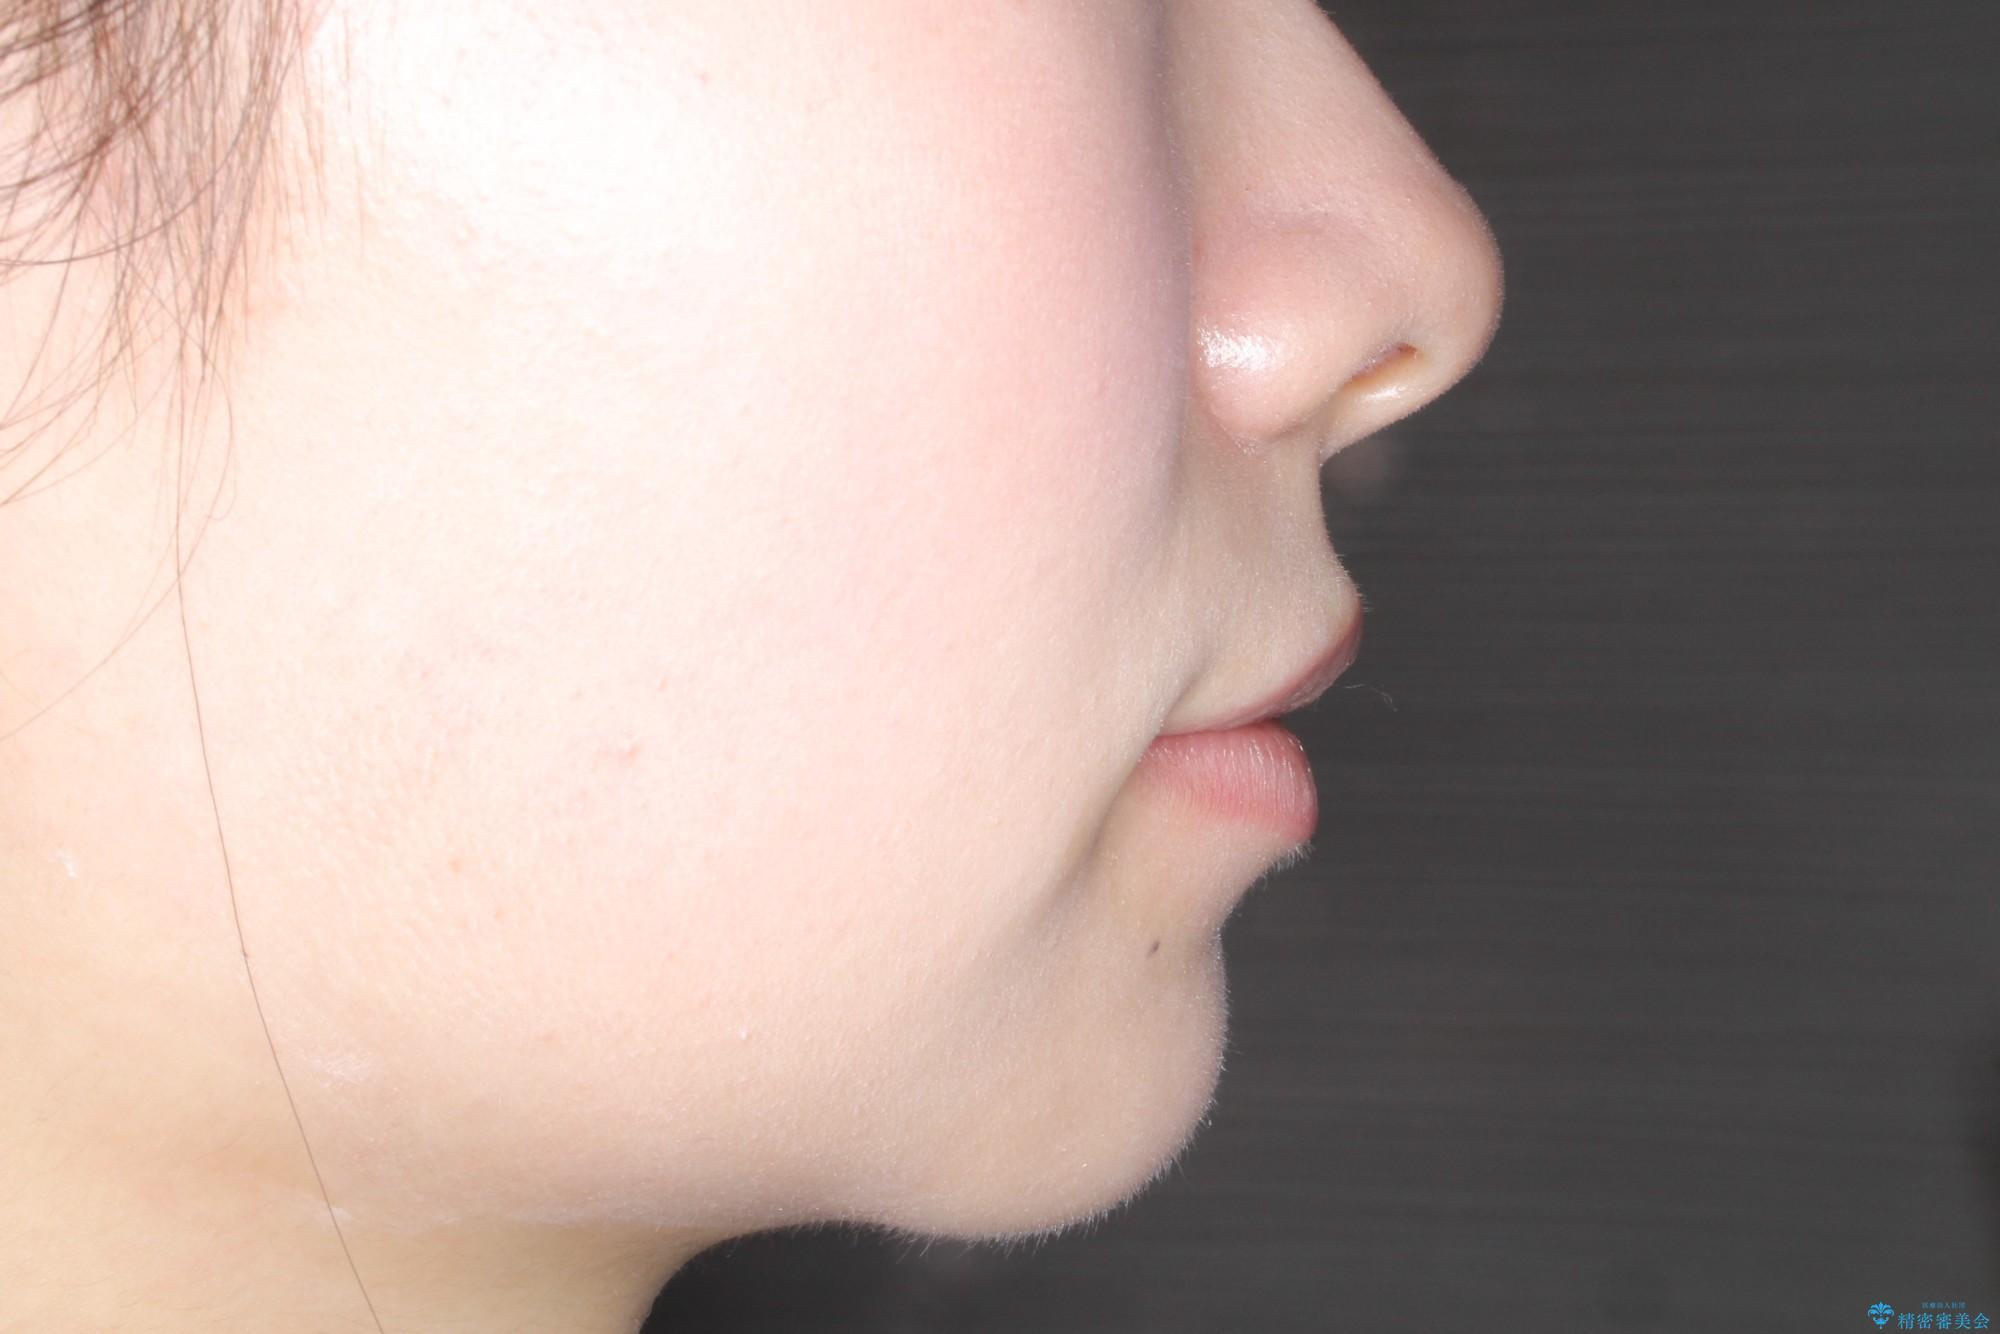 出っ歯の矯正治療 歯を抜かずにインビザラインでの治療後(顔貌)